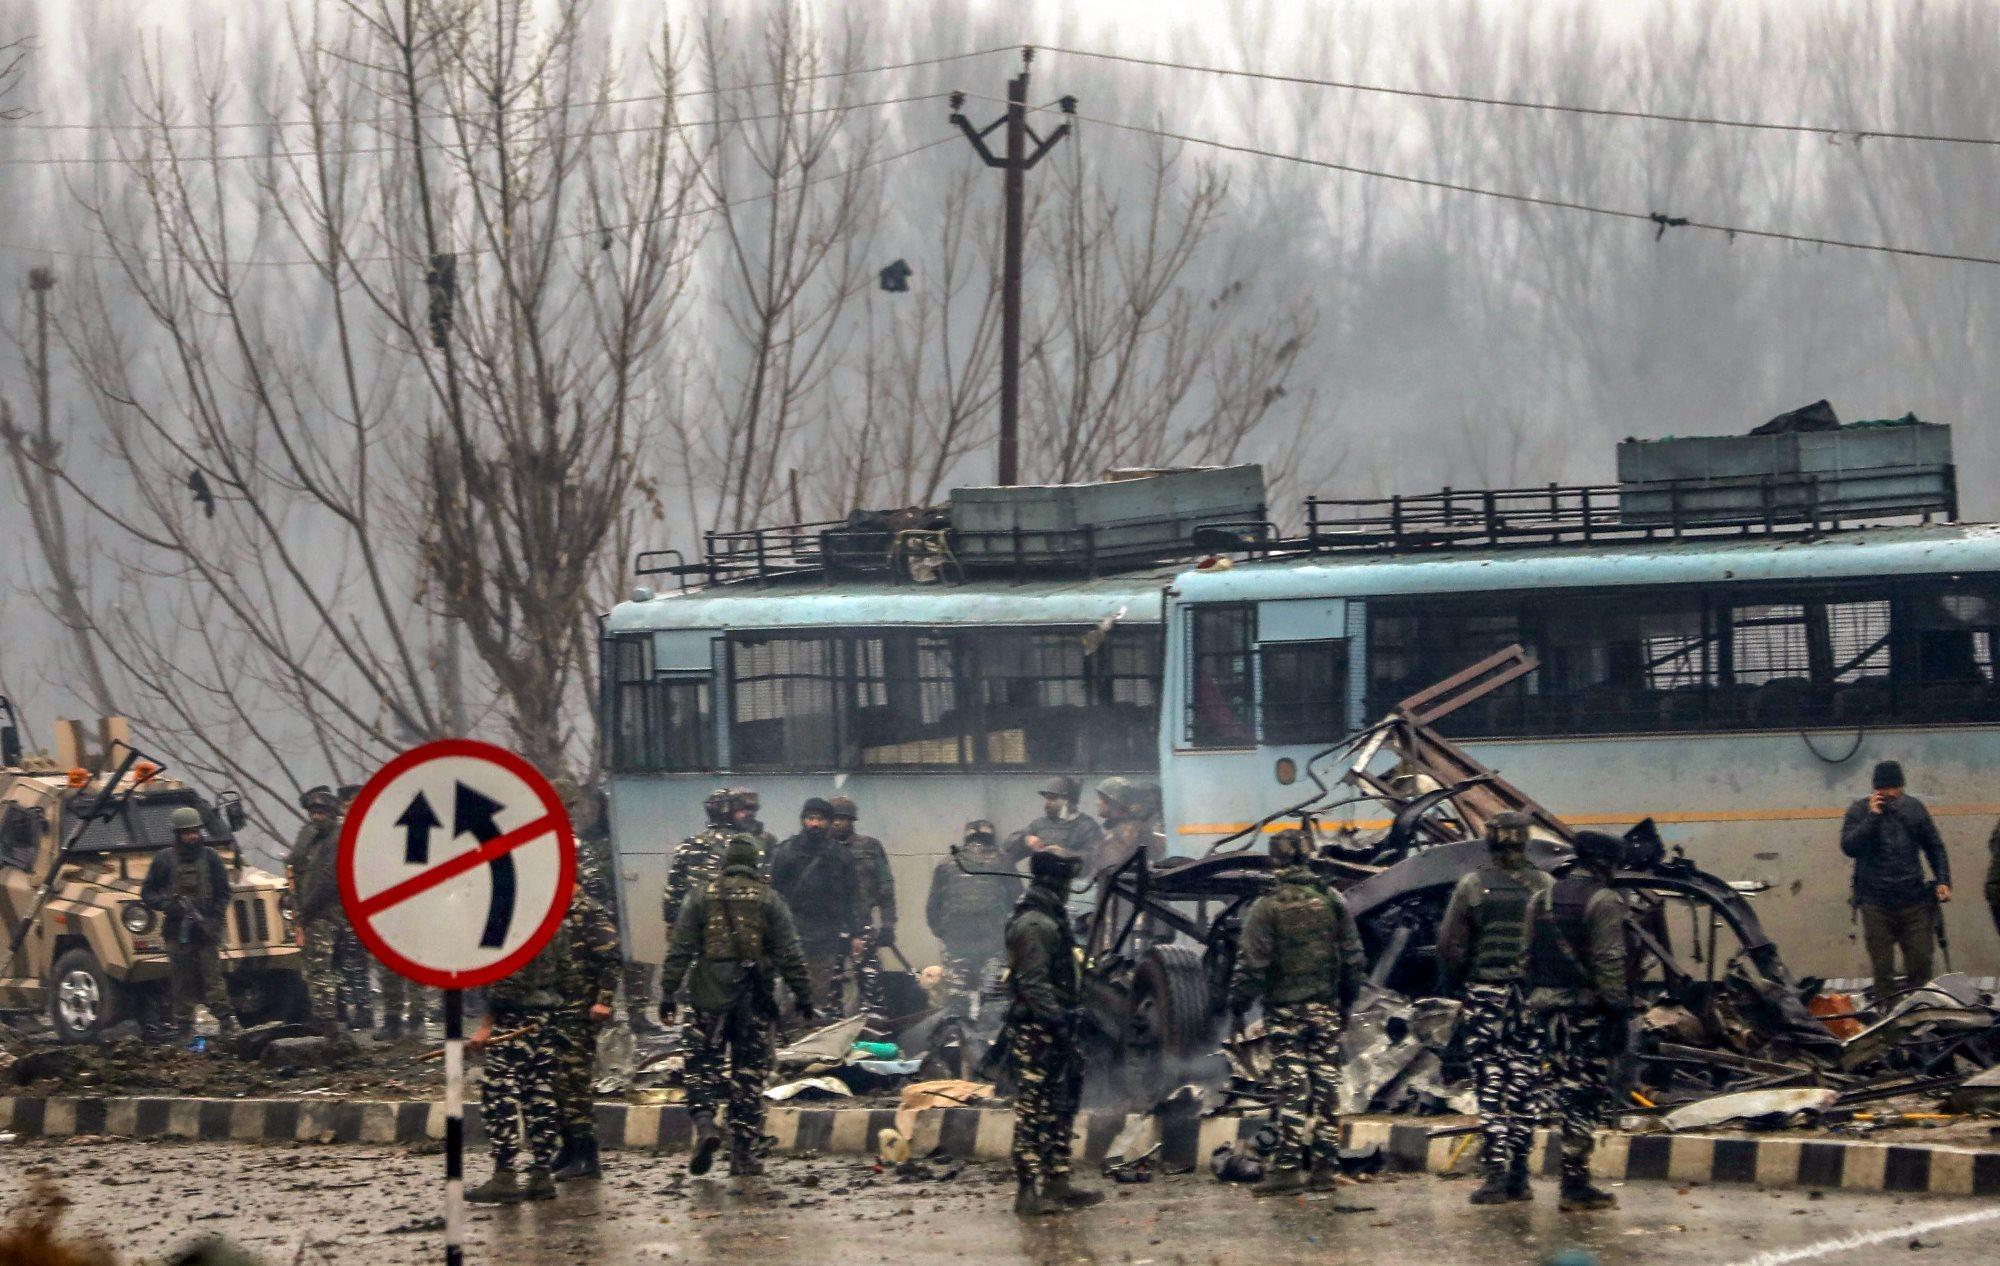 اونتی پورا میں دہشت گرد حملے کے بعد حفاظتی دستوں کے جوان (فوٹو : پی ٹی آئی)